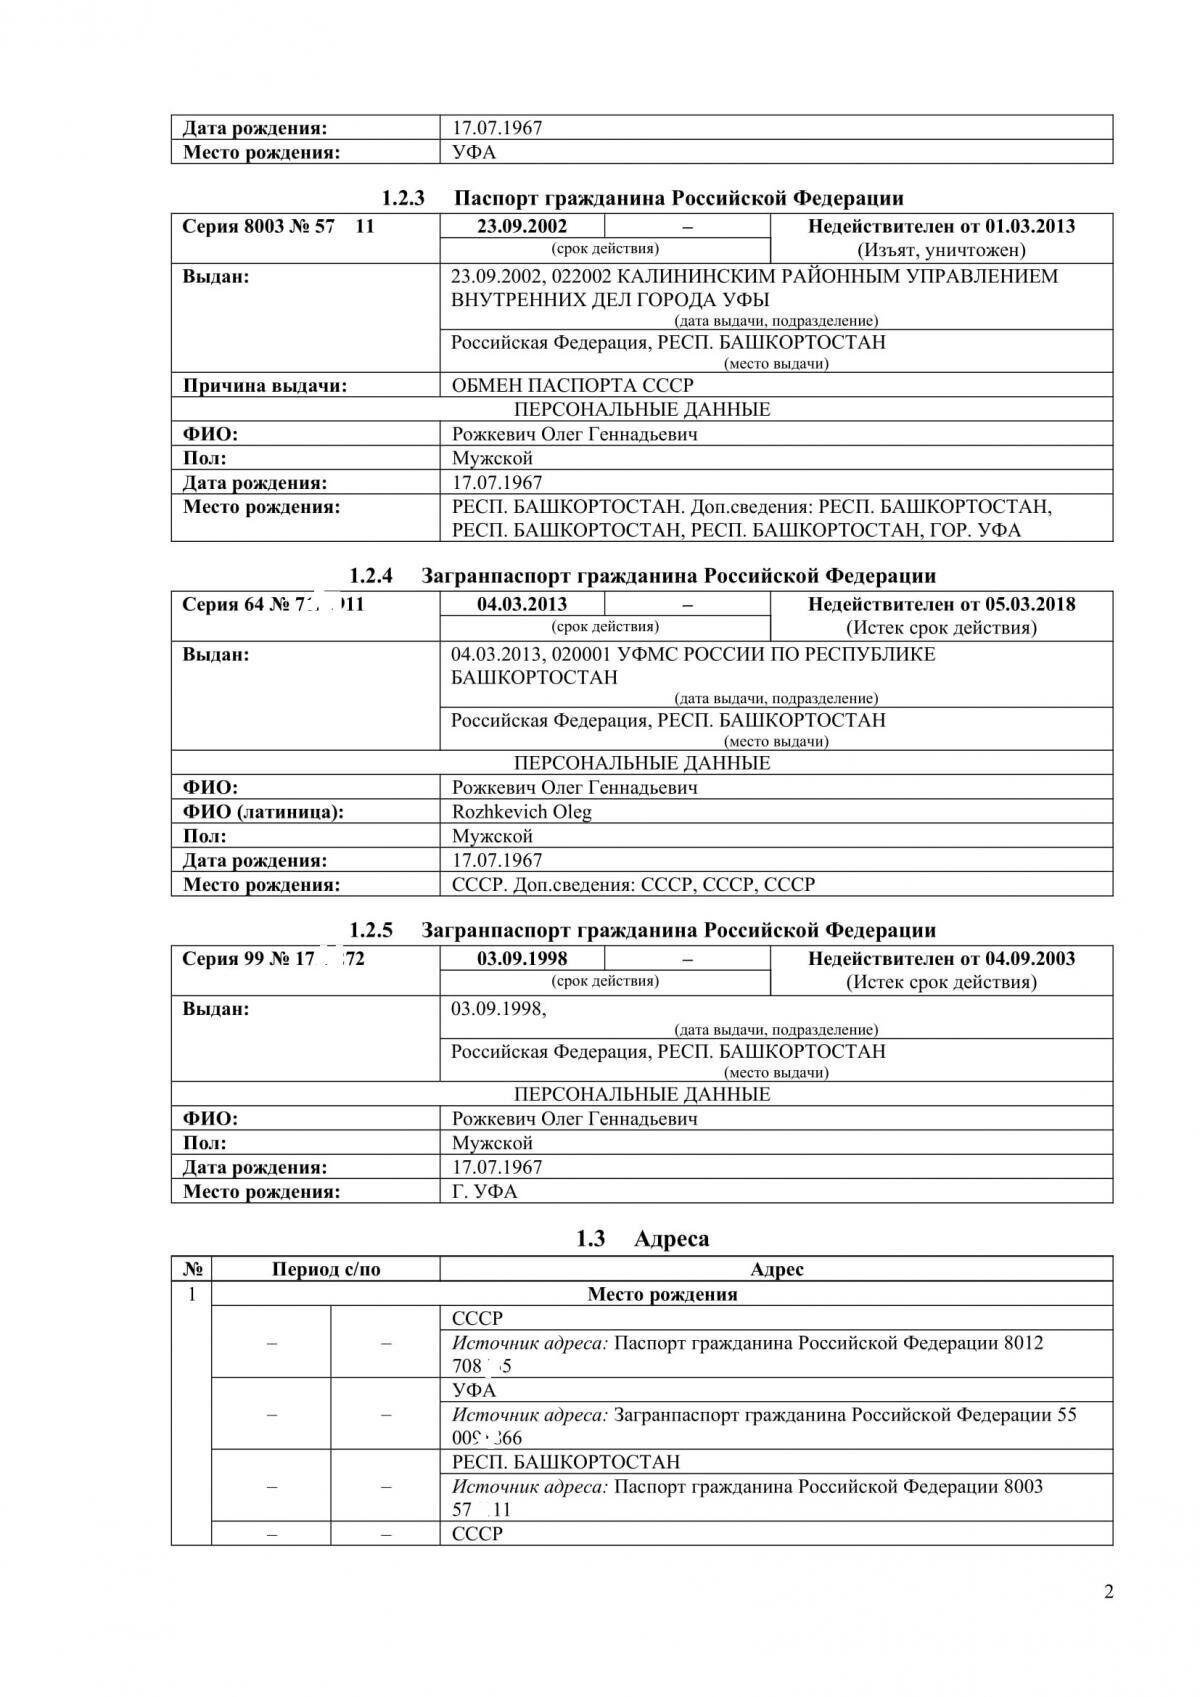 Копия российского паспорта Рожкевича, фото 2